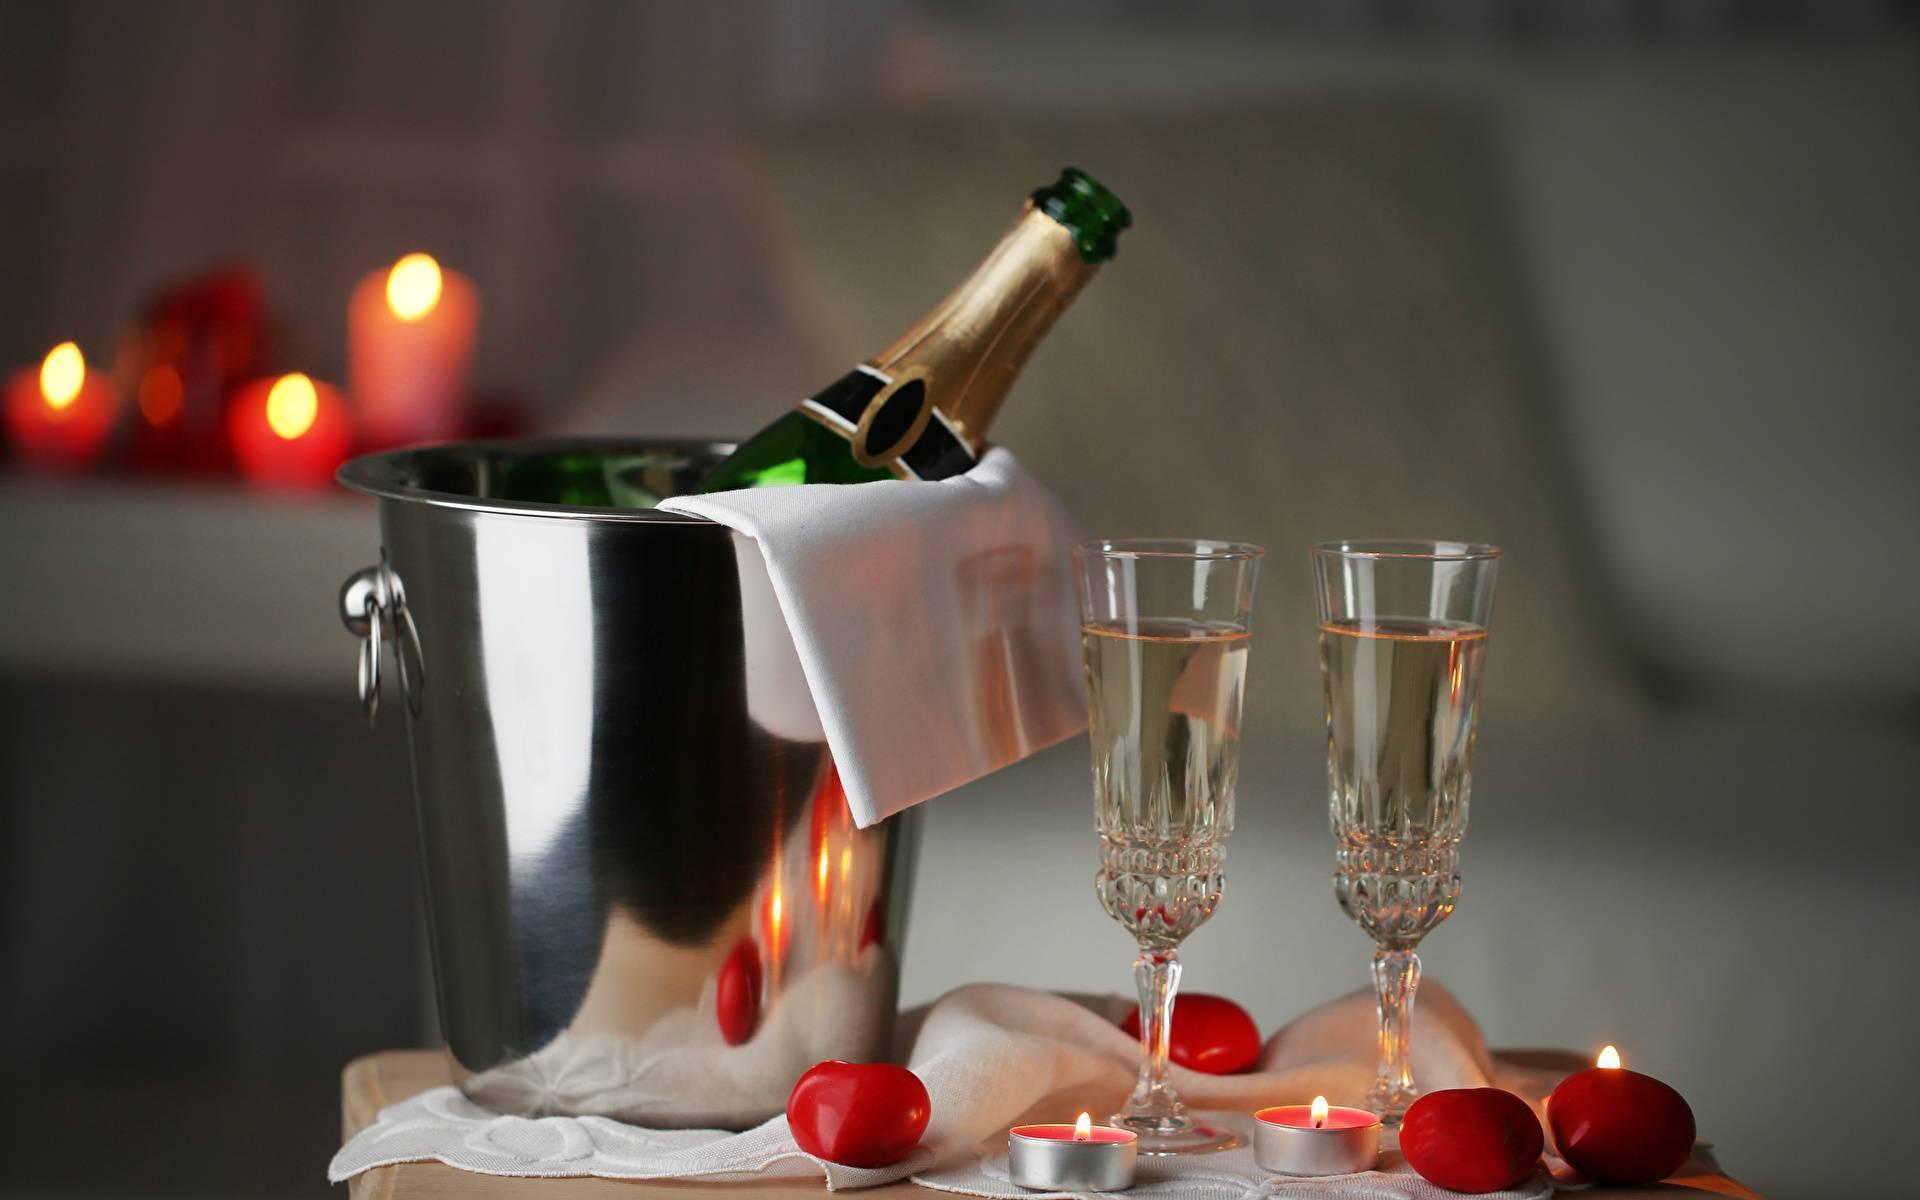 Шампанское при грудном вскармливании является наиболее безопасным напитком